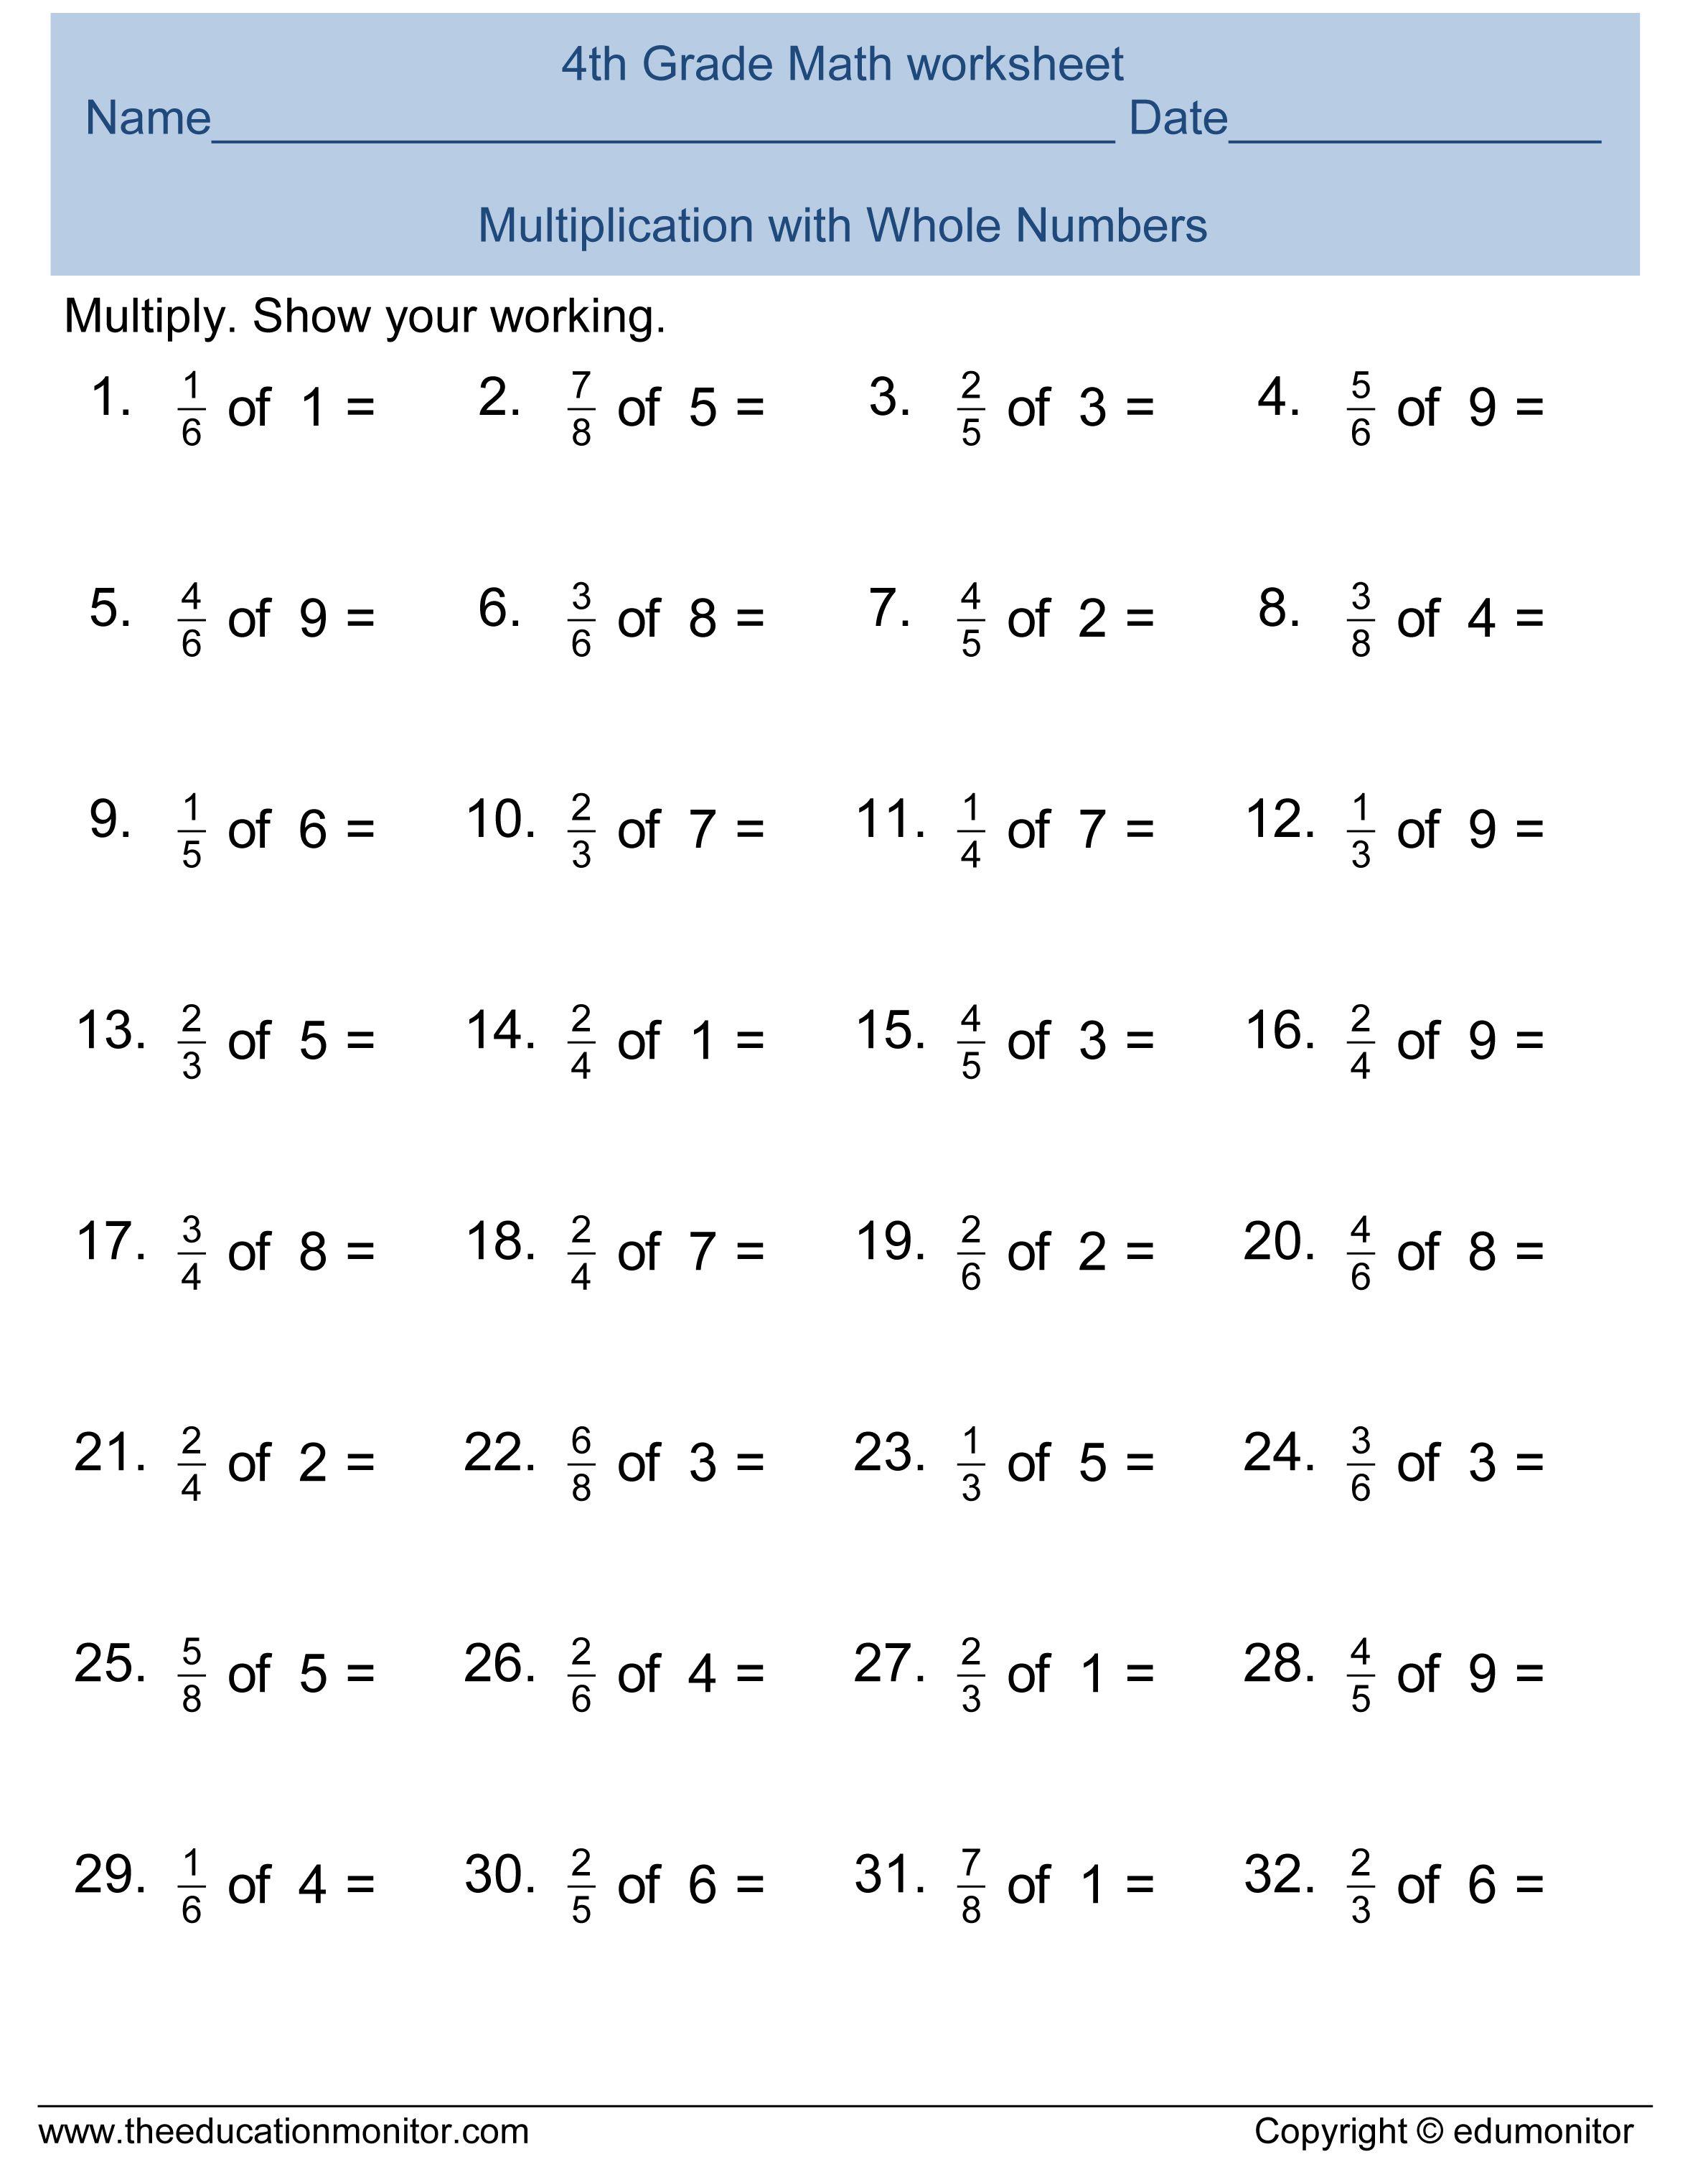 https://dubaikhalifas.com/multiplying-fractions-worksheet-grade-4-awesome-worksheet/ [ 91 x 3012 Pixel ]